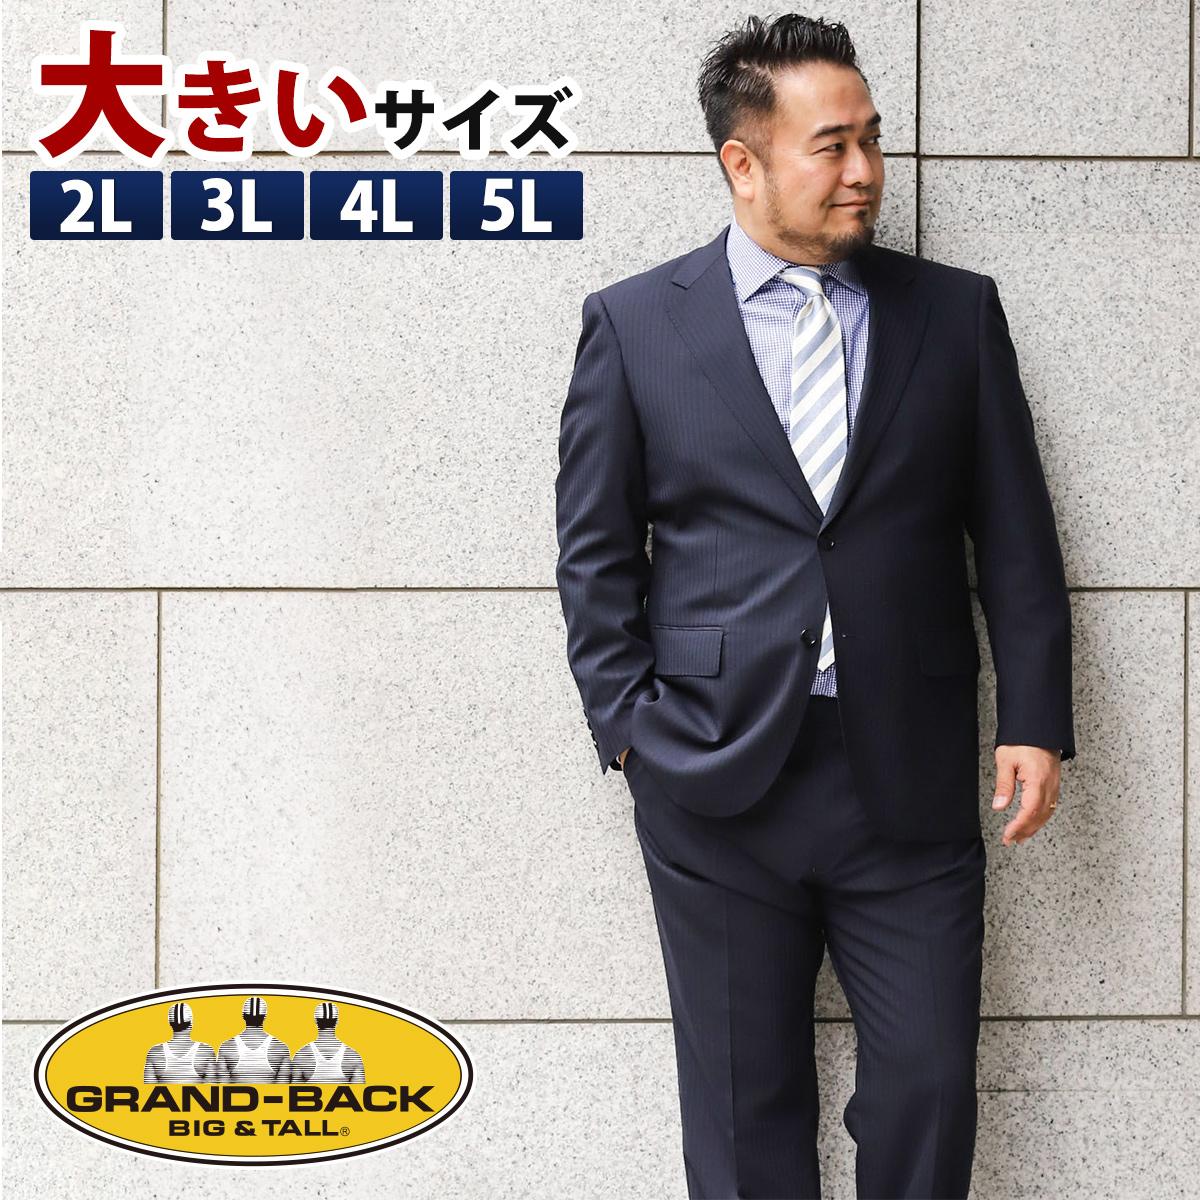 【大きいサイズ・メンズ】グランバック/GRAND-BACK 洗えるスラックス ストライプ紺 2ピーススーツ  グランバック 大きいサイズ